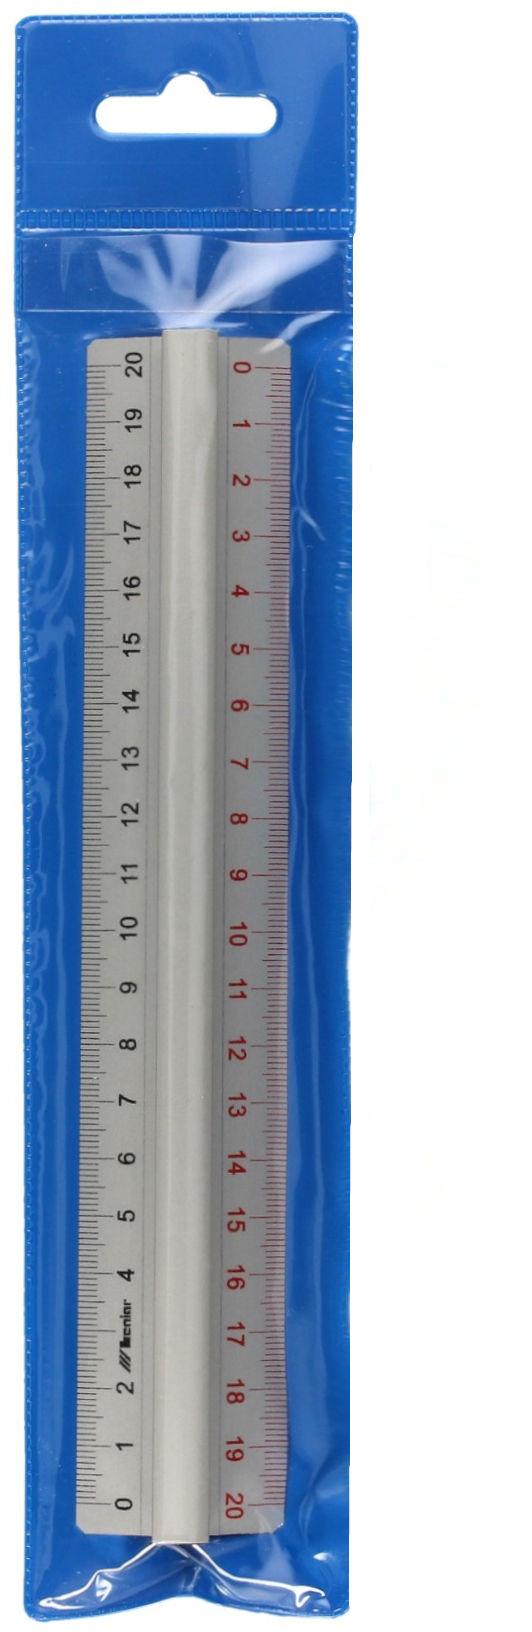 Linijka 20cm aluminium Leniar 30160